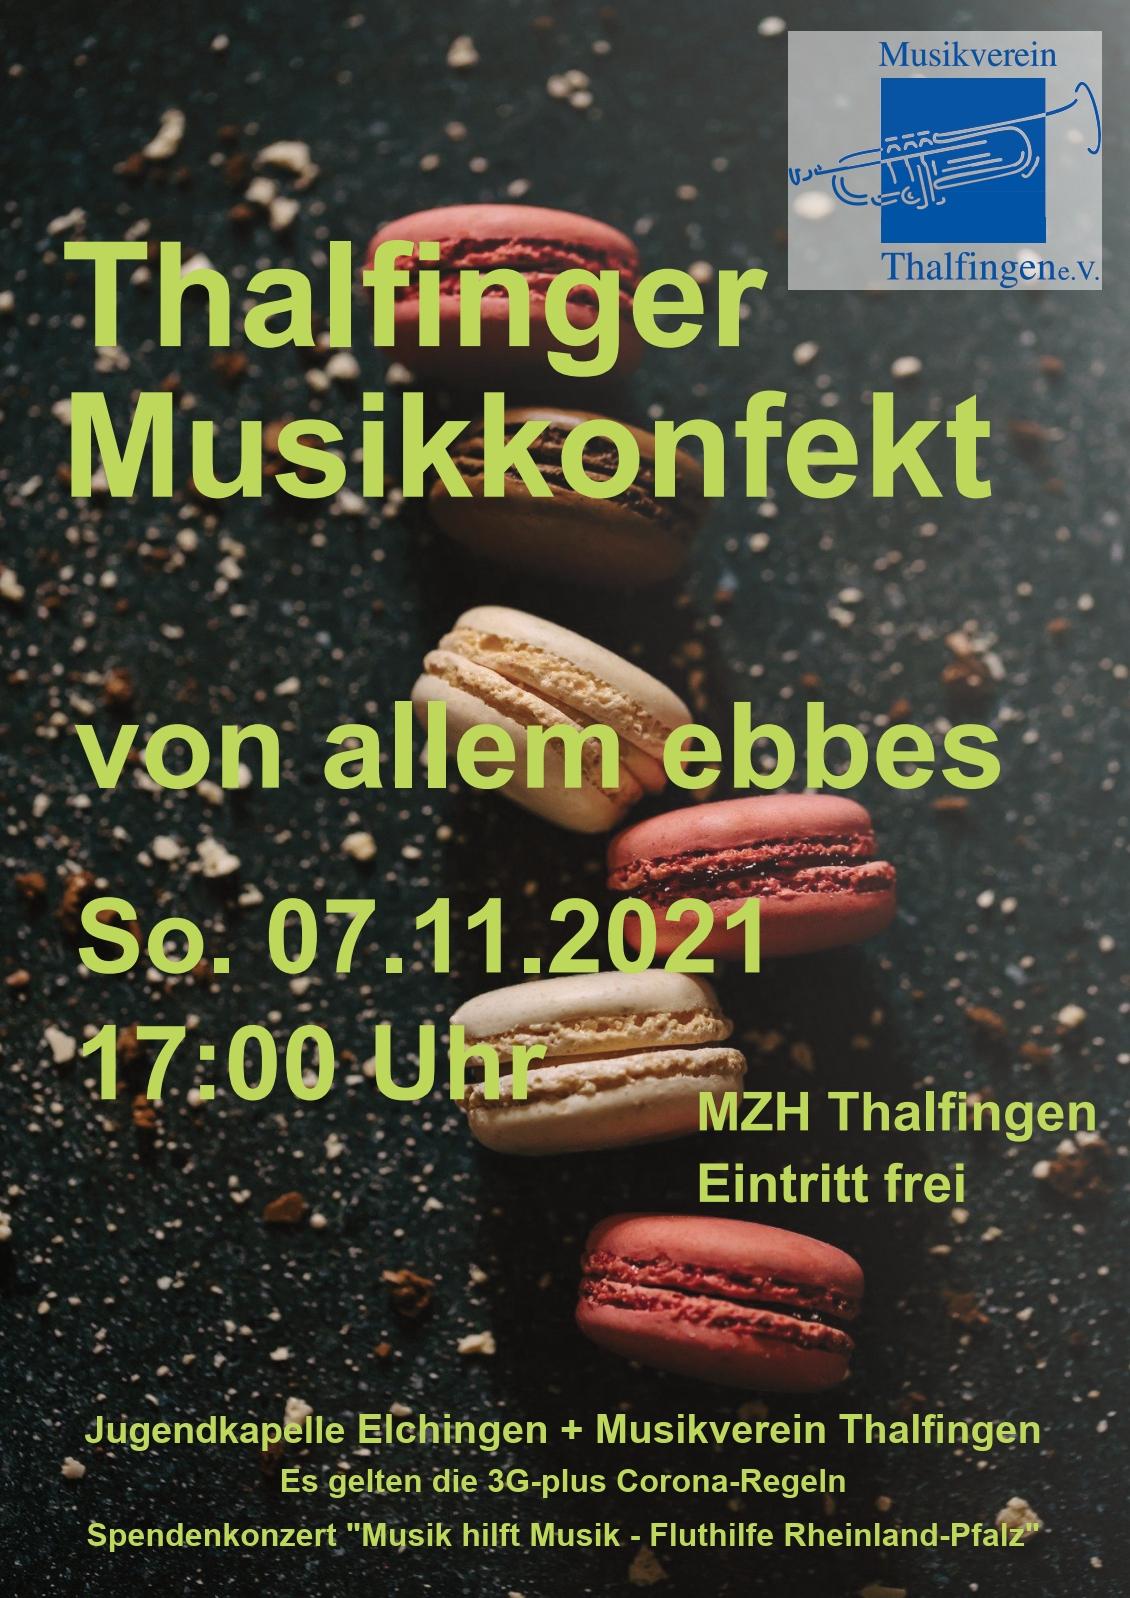 Thalfinger Musikkonfekt - von allem ebbes